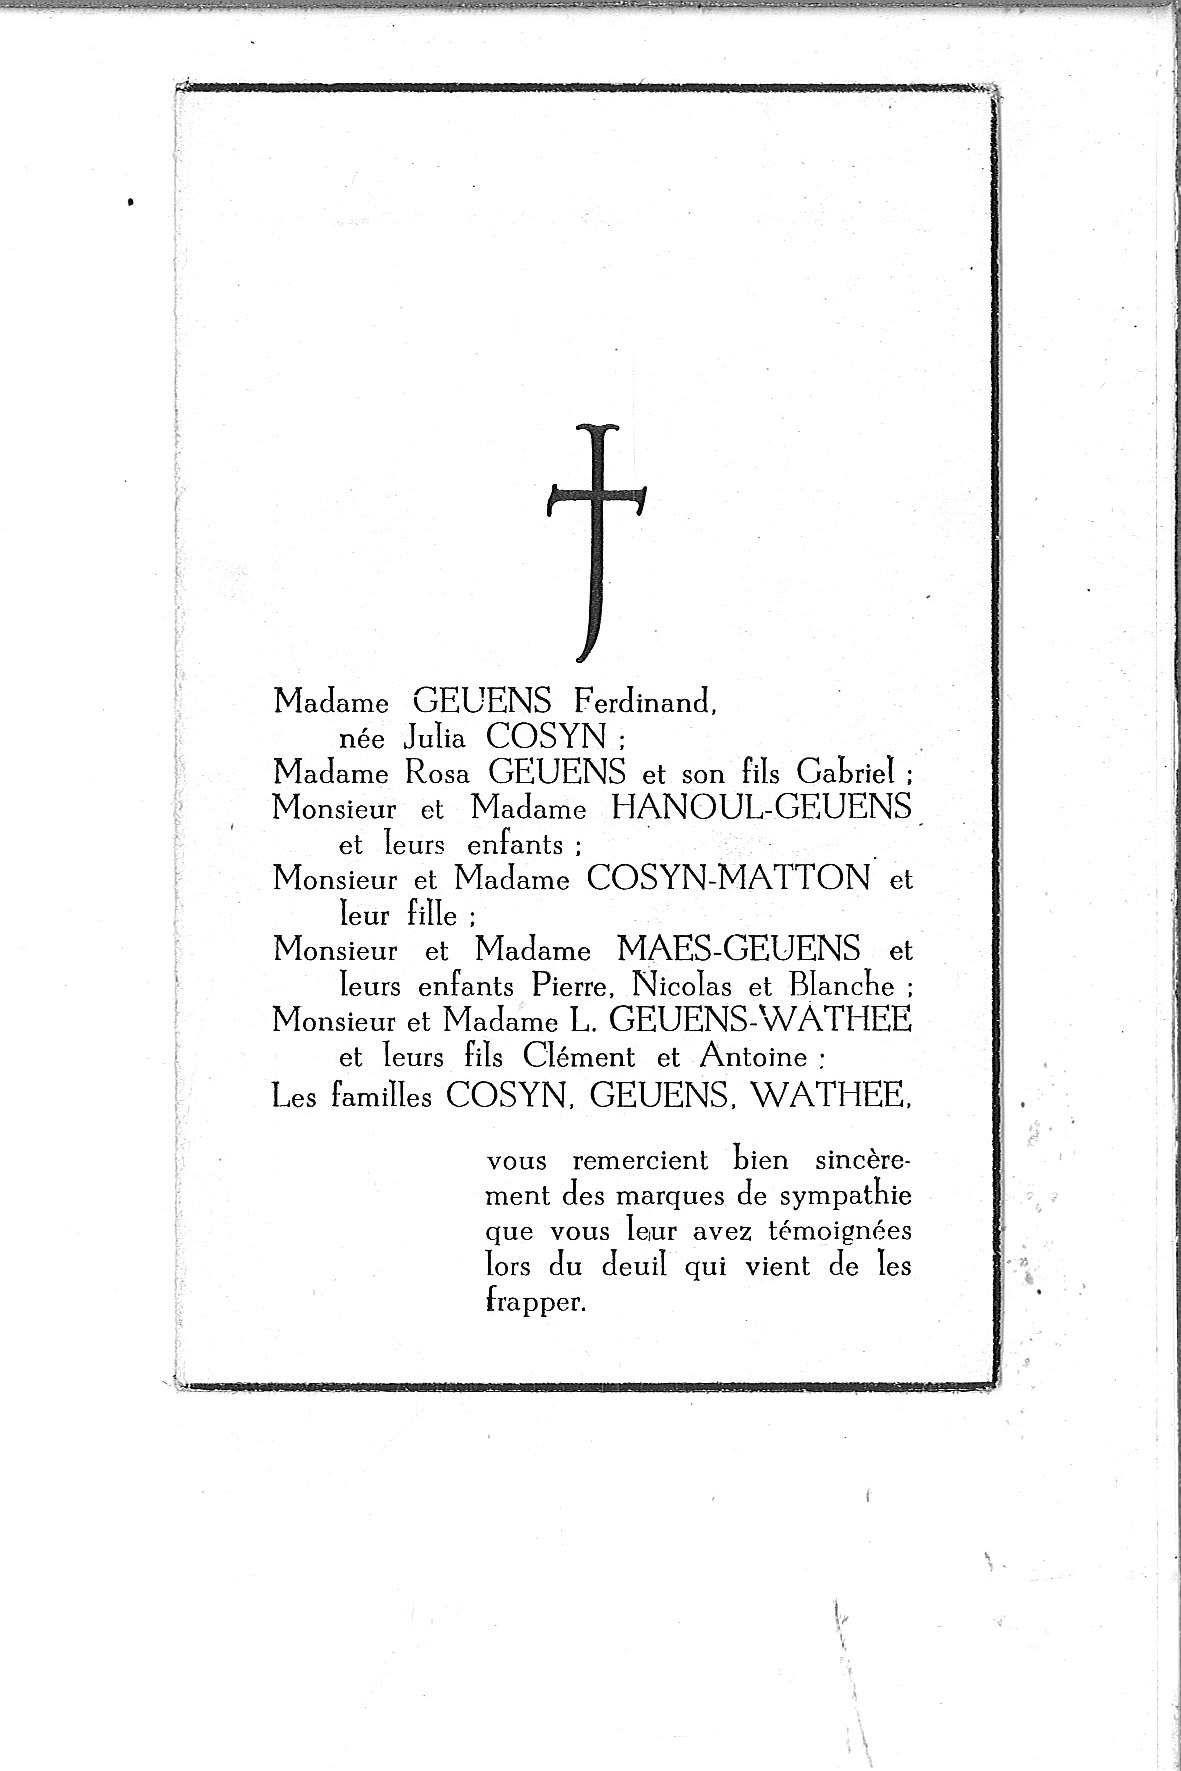 Ferdinand (1889)20131210144048_00012.jpg